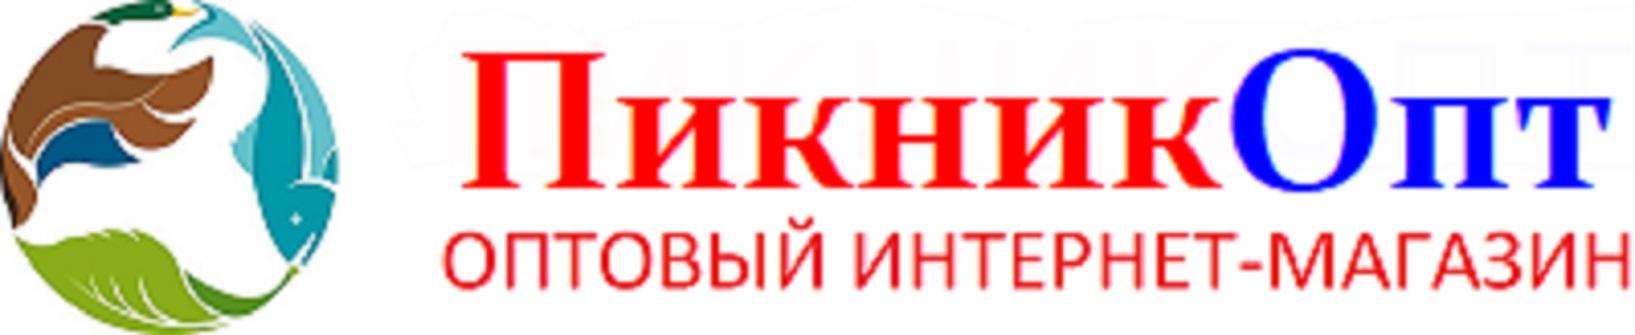 ПикникОпт